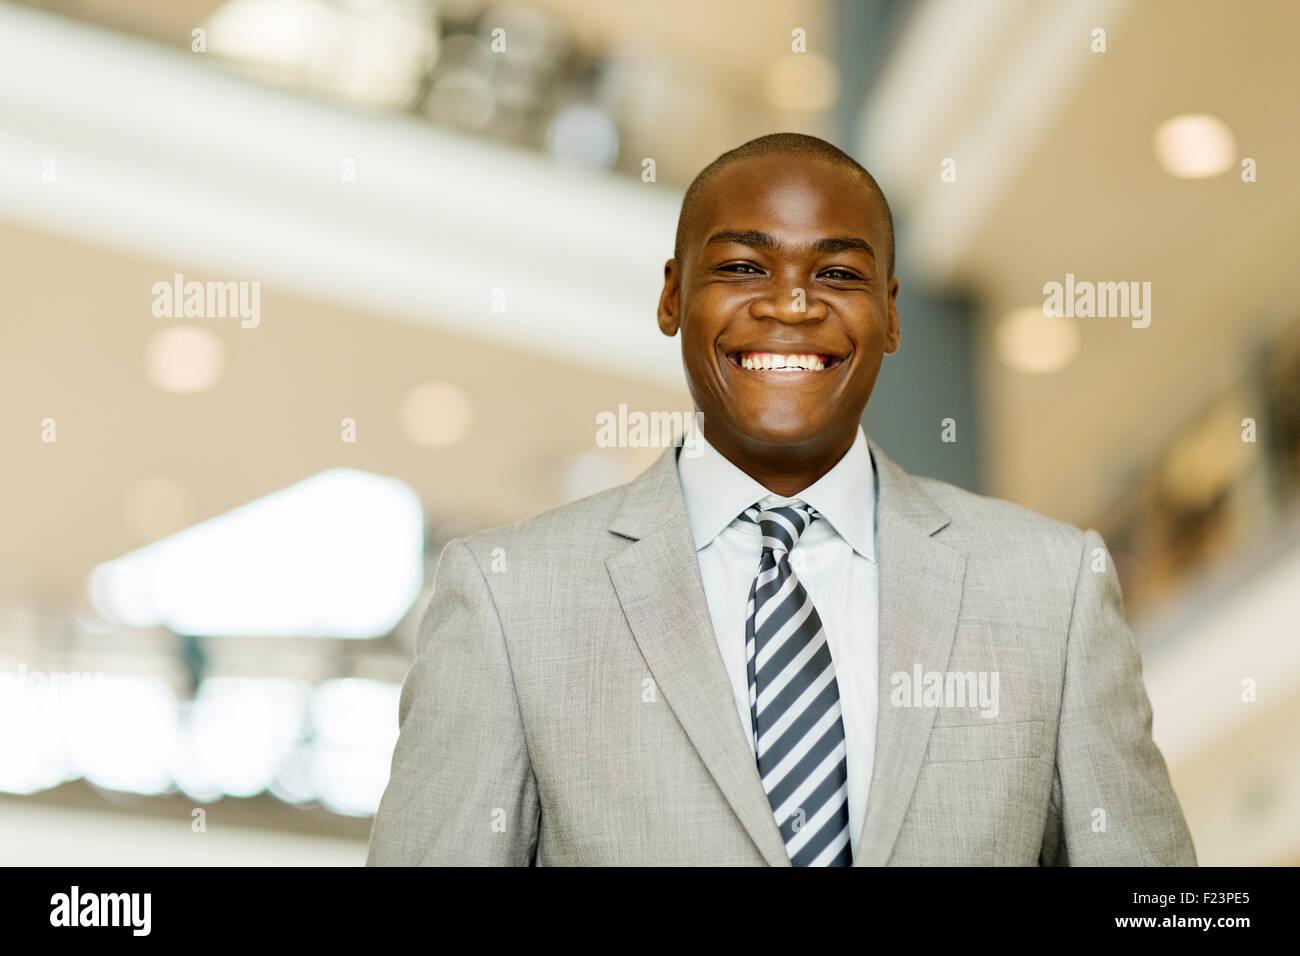 Ritratto di Allegro African business man in ufficio moderno Immagini Stock